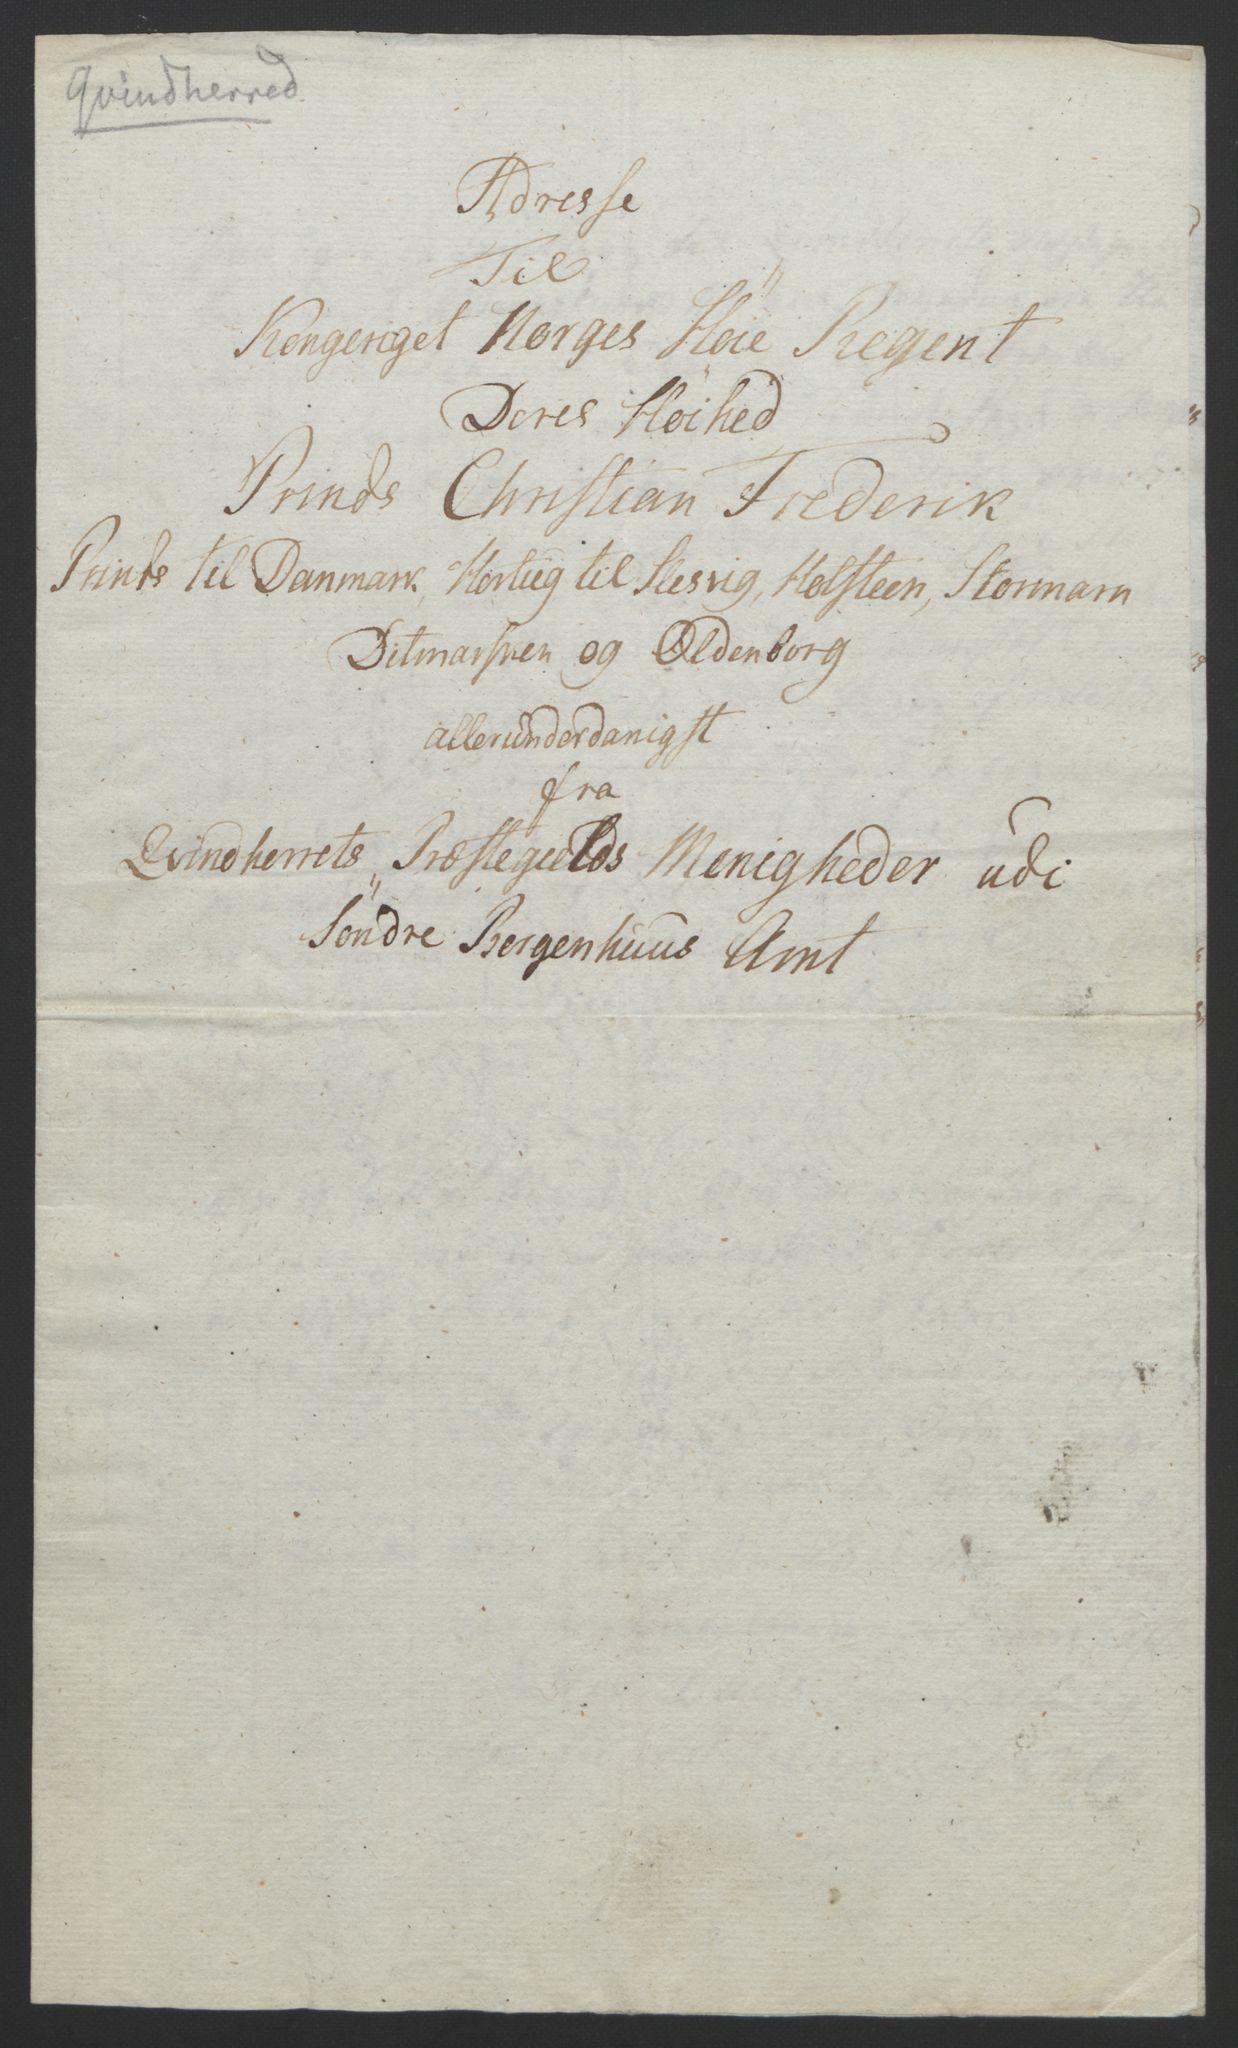 RA, Statsrådssekretariatet, D/Db/L0008: Fullmakter for Eidsvollsrepresentantene i 1814. , 1814, s. 286